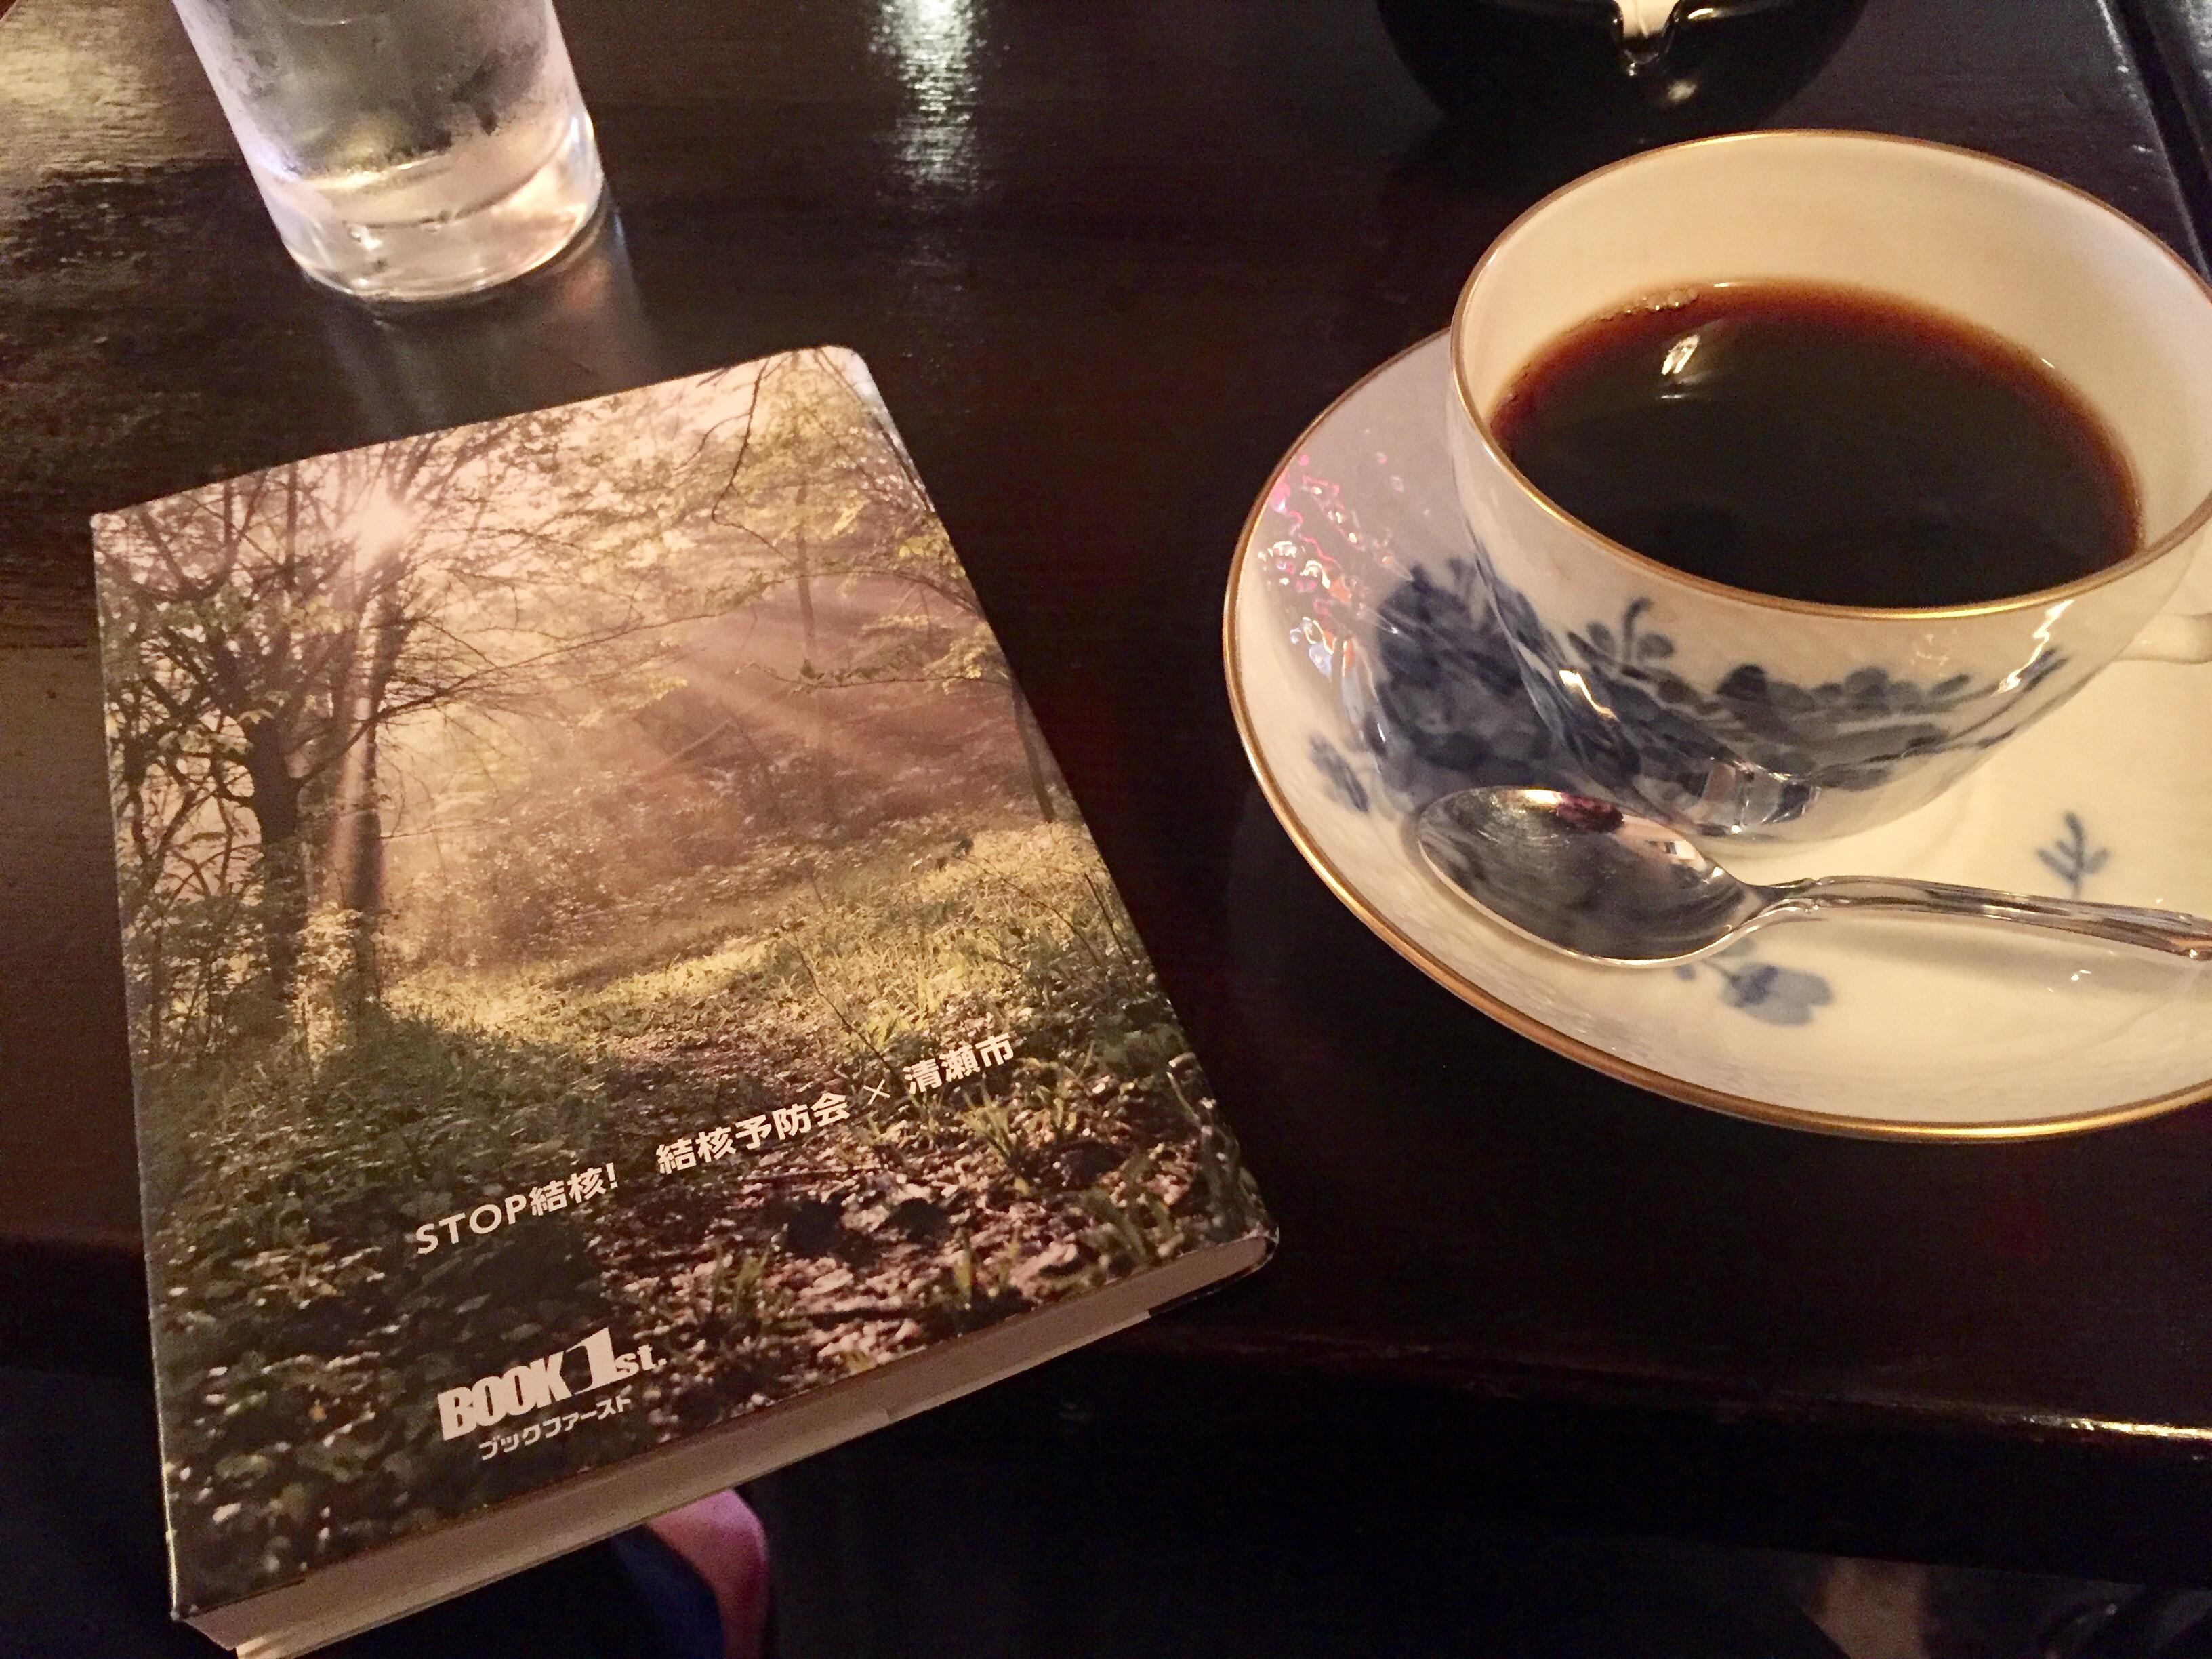 ピース又吉『火花』を読んで、武蔵野珈琲にいってみた